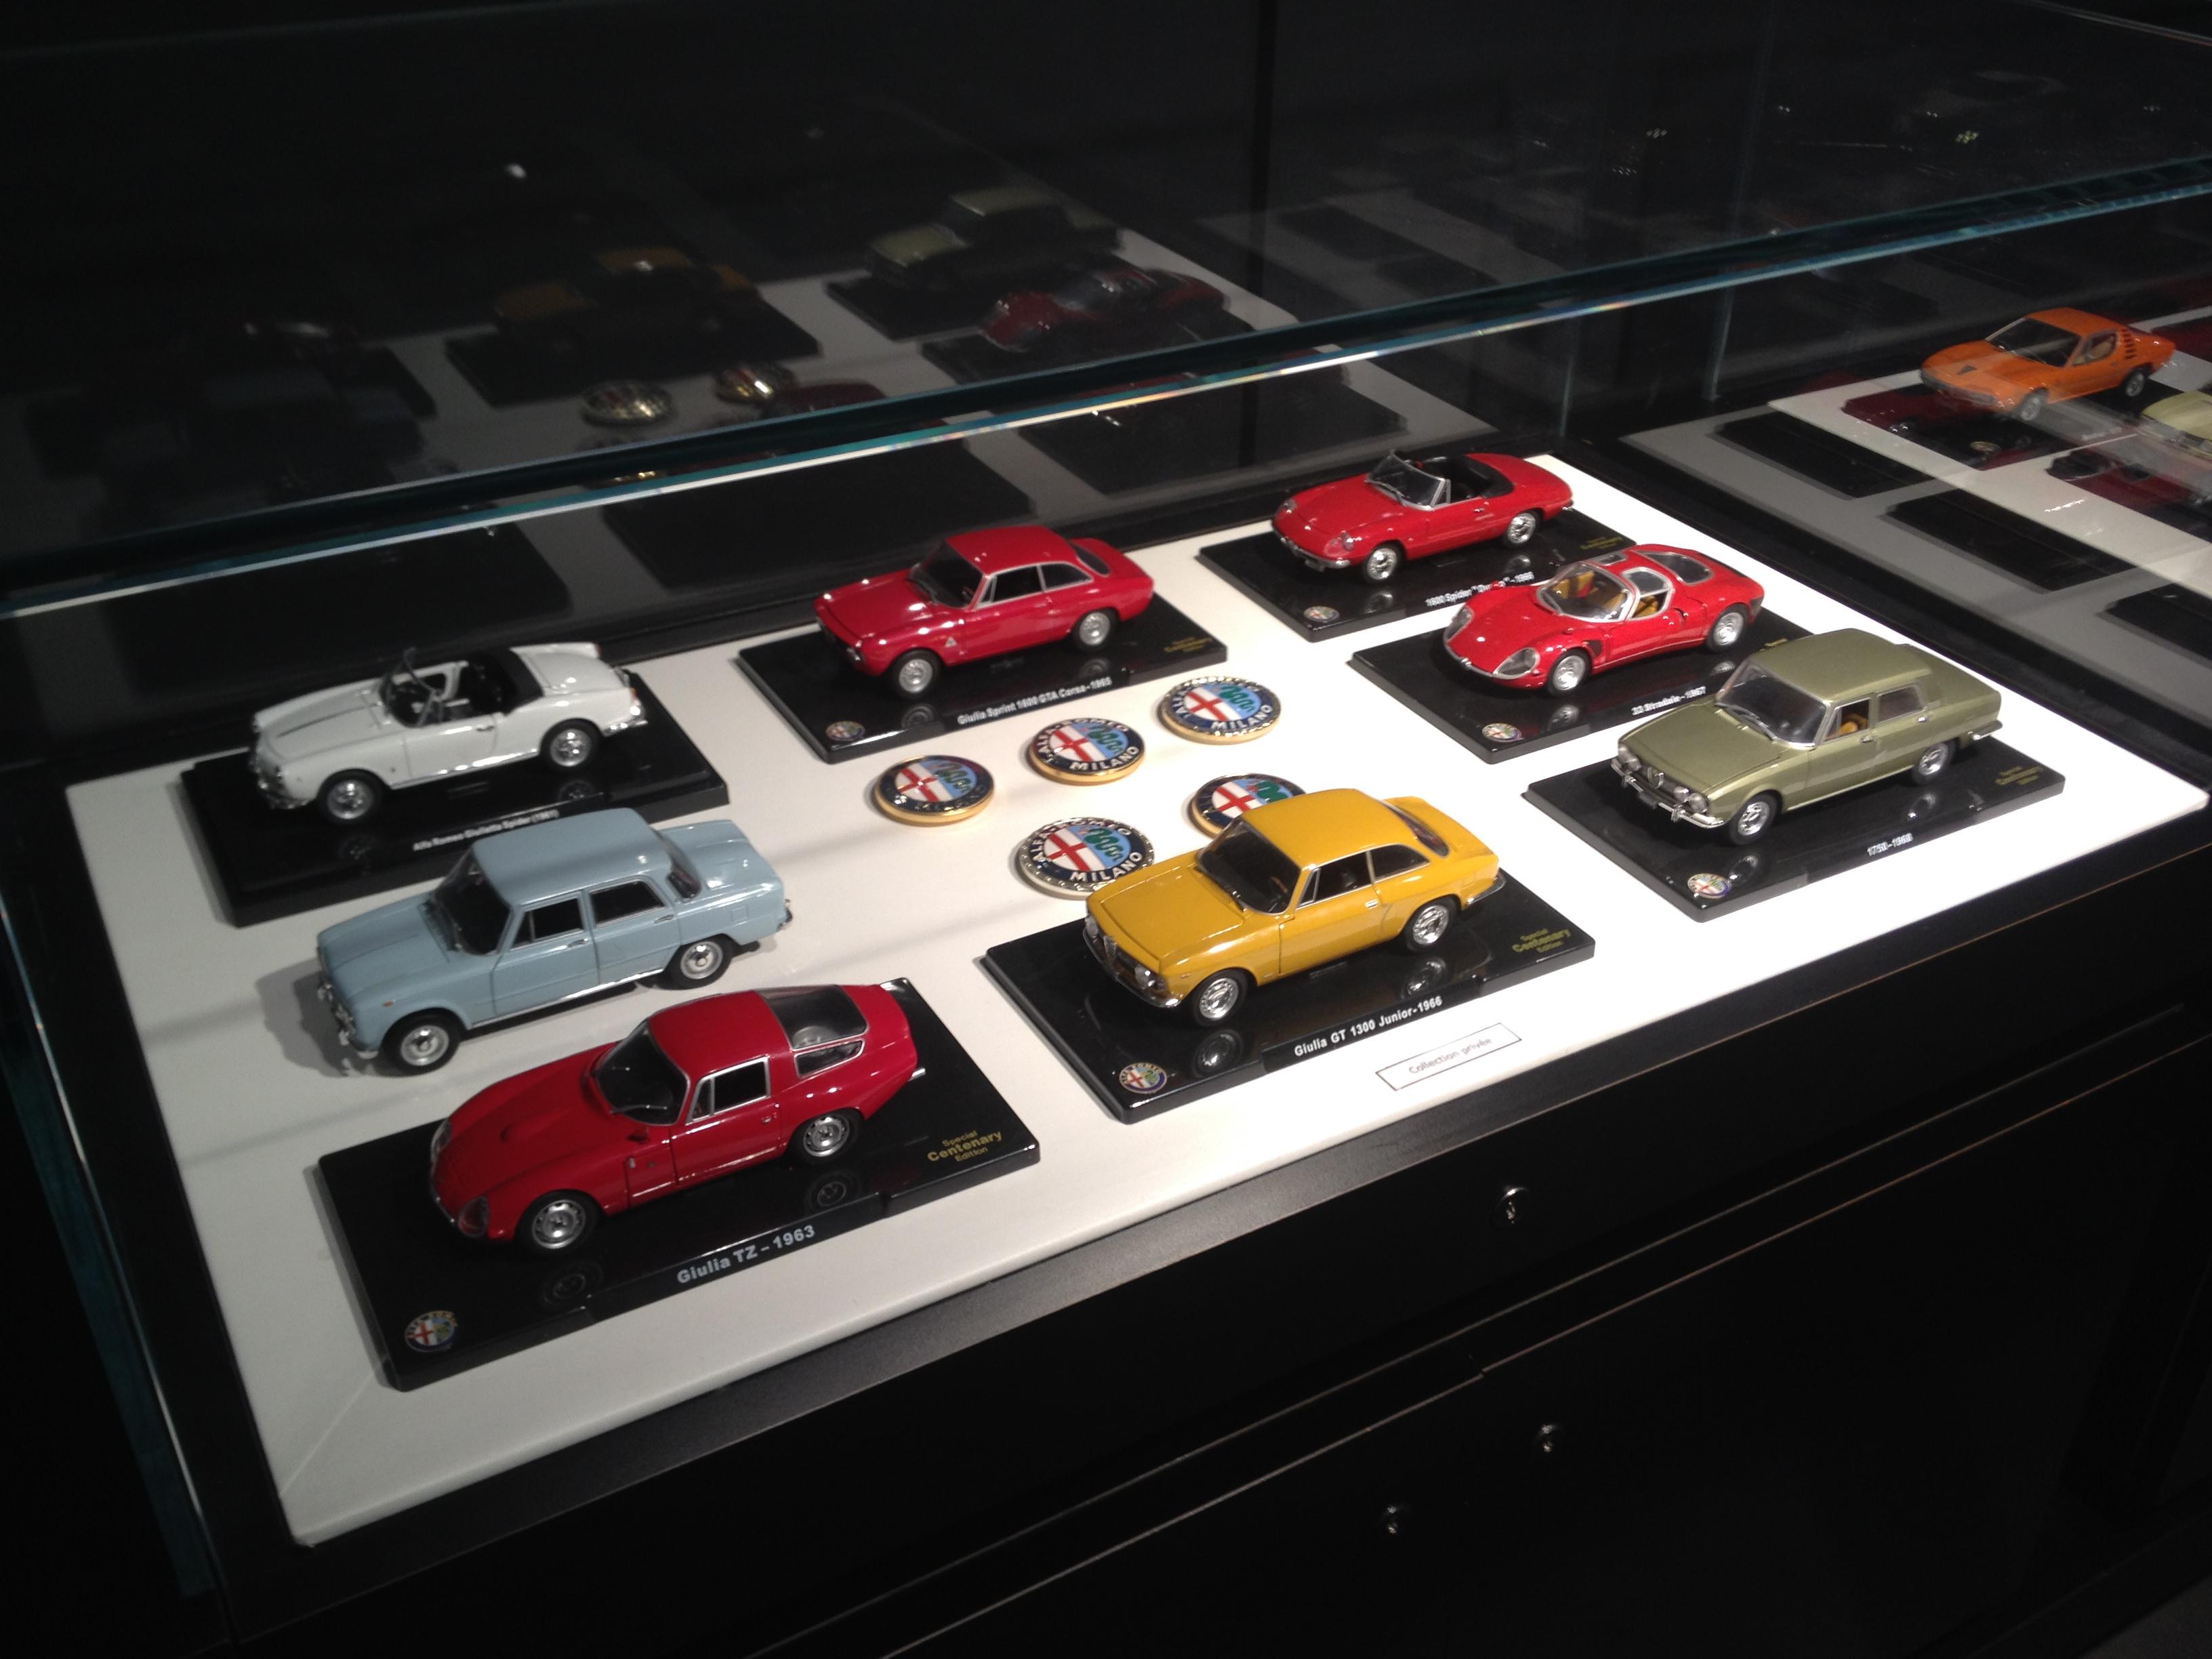 Alfa Romeo - petites voitures - MotorVillage - 2015 - Photographie Laurent H